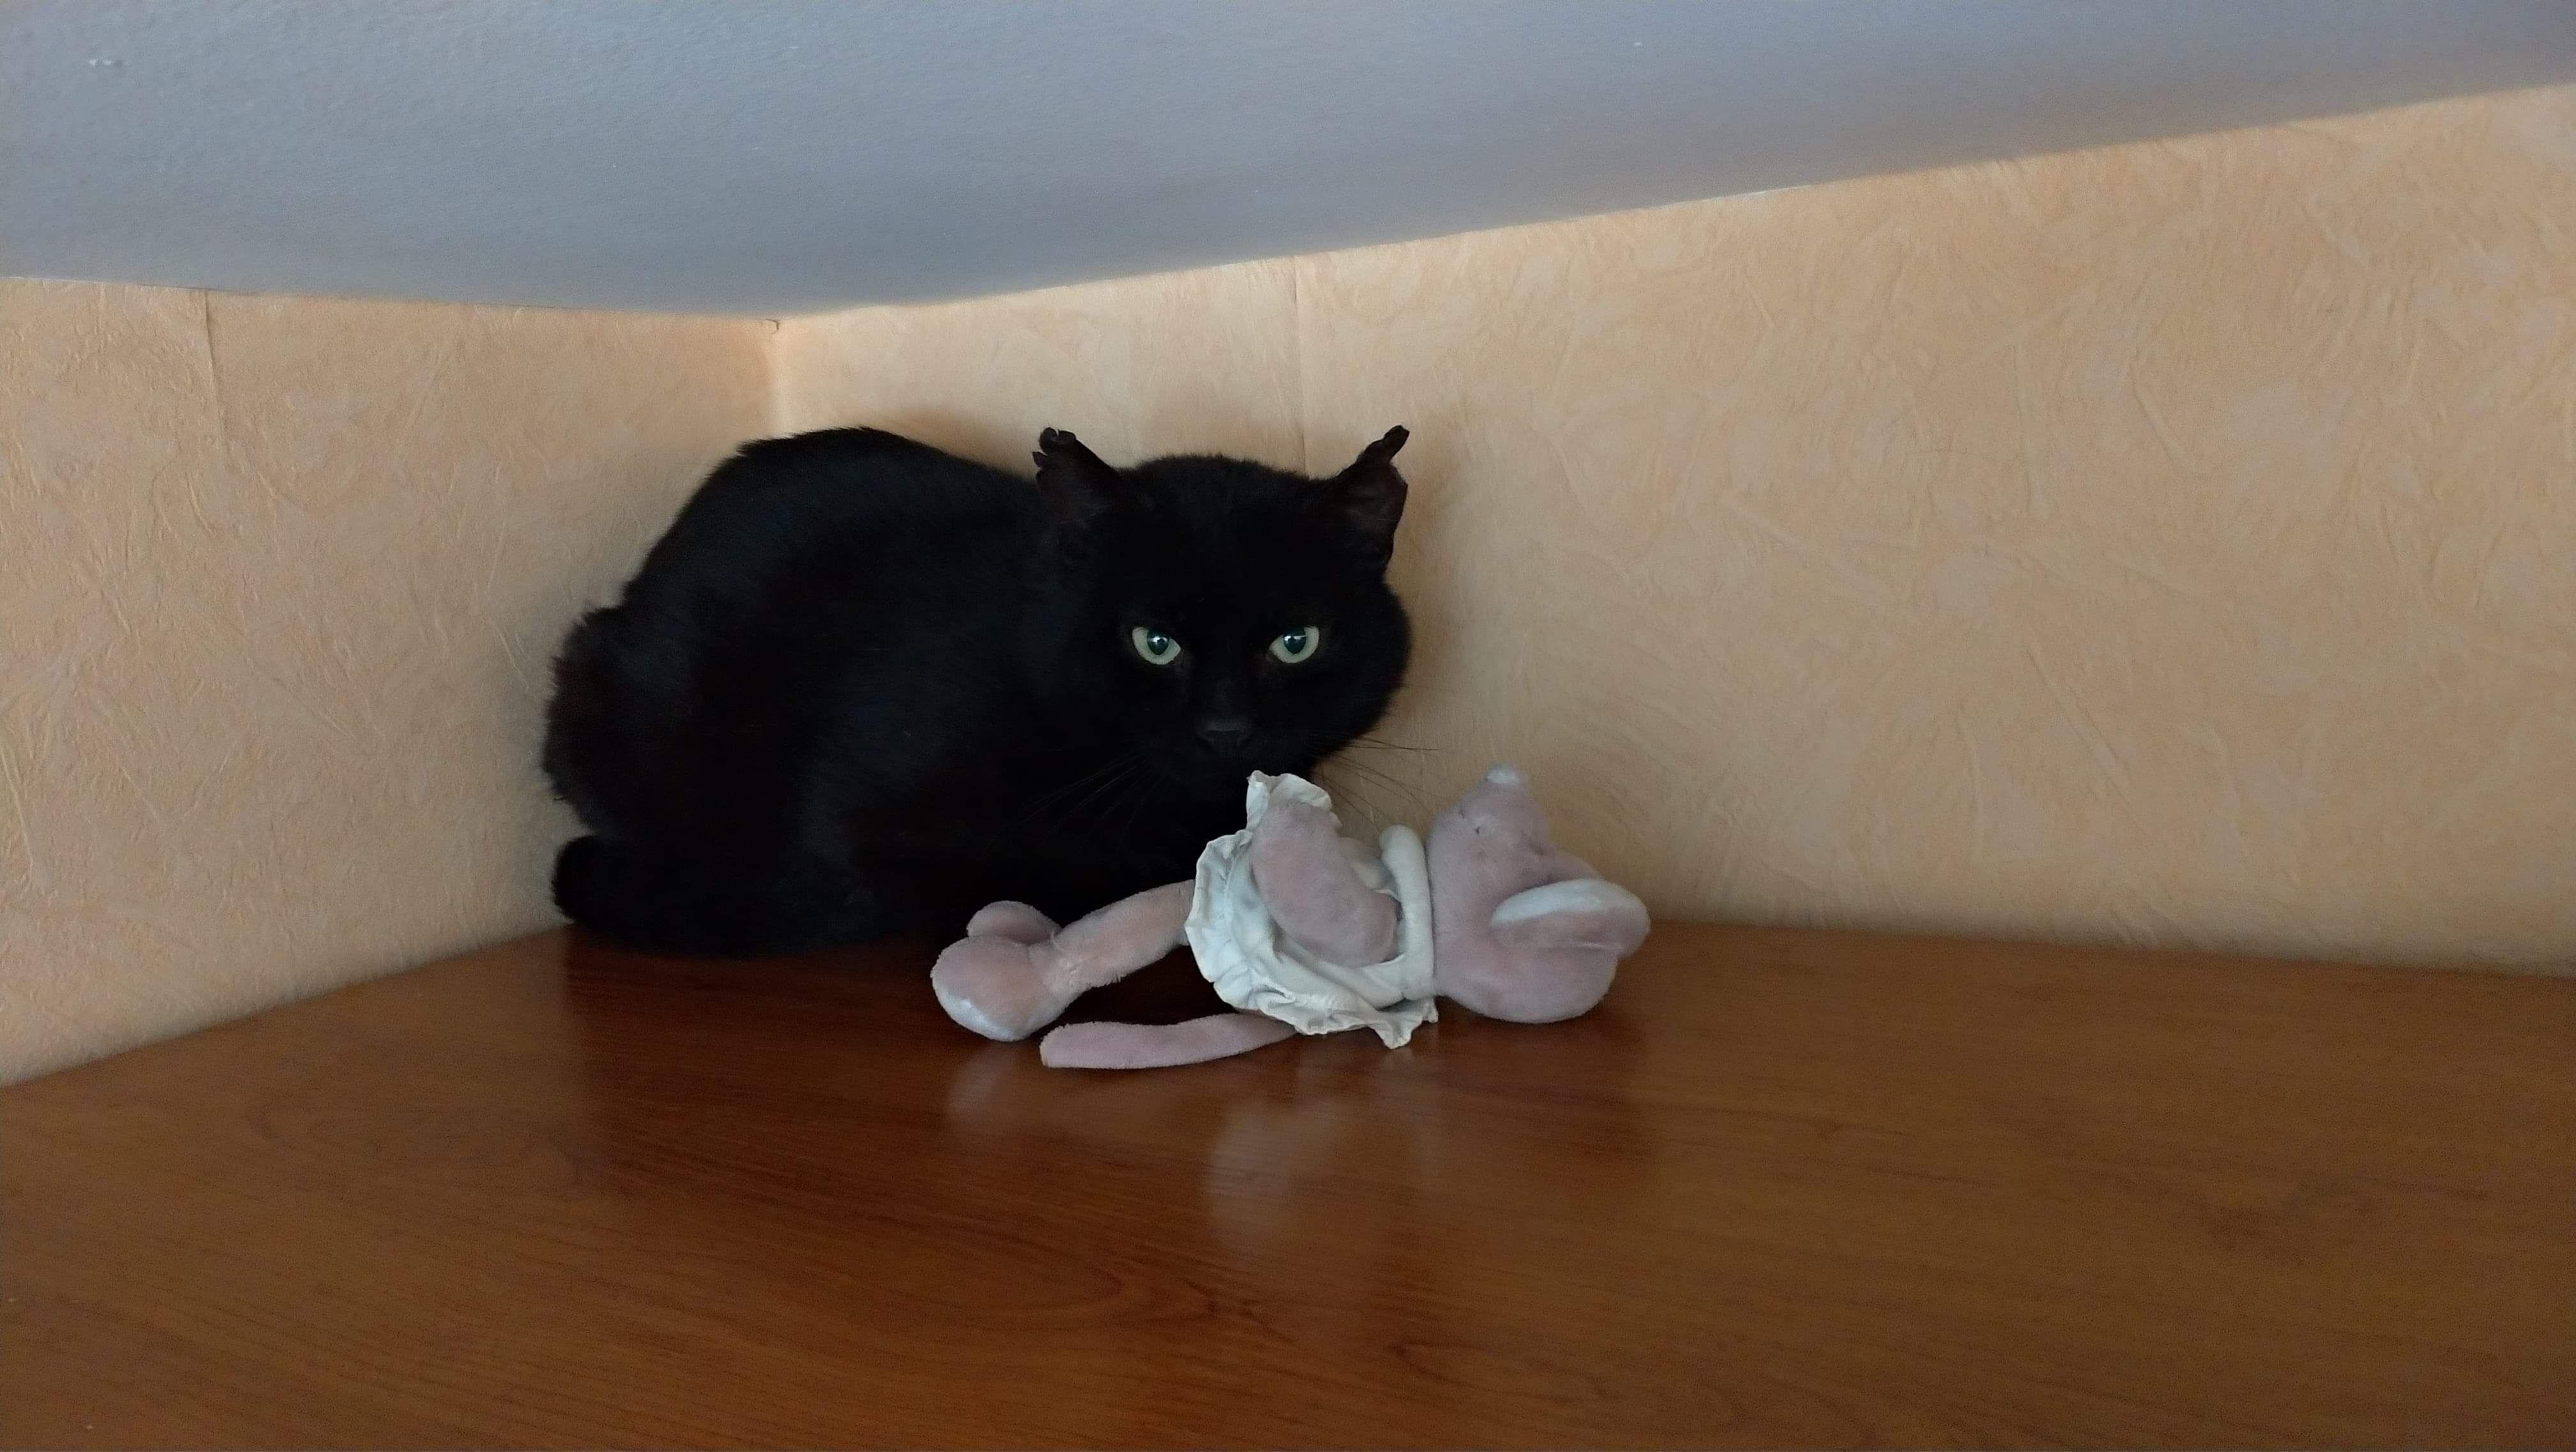 Liam - Adopter un chat – Ile de France